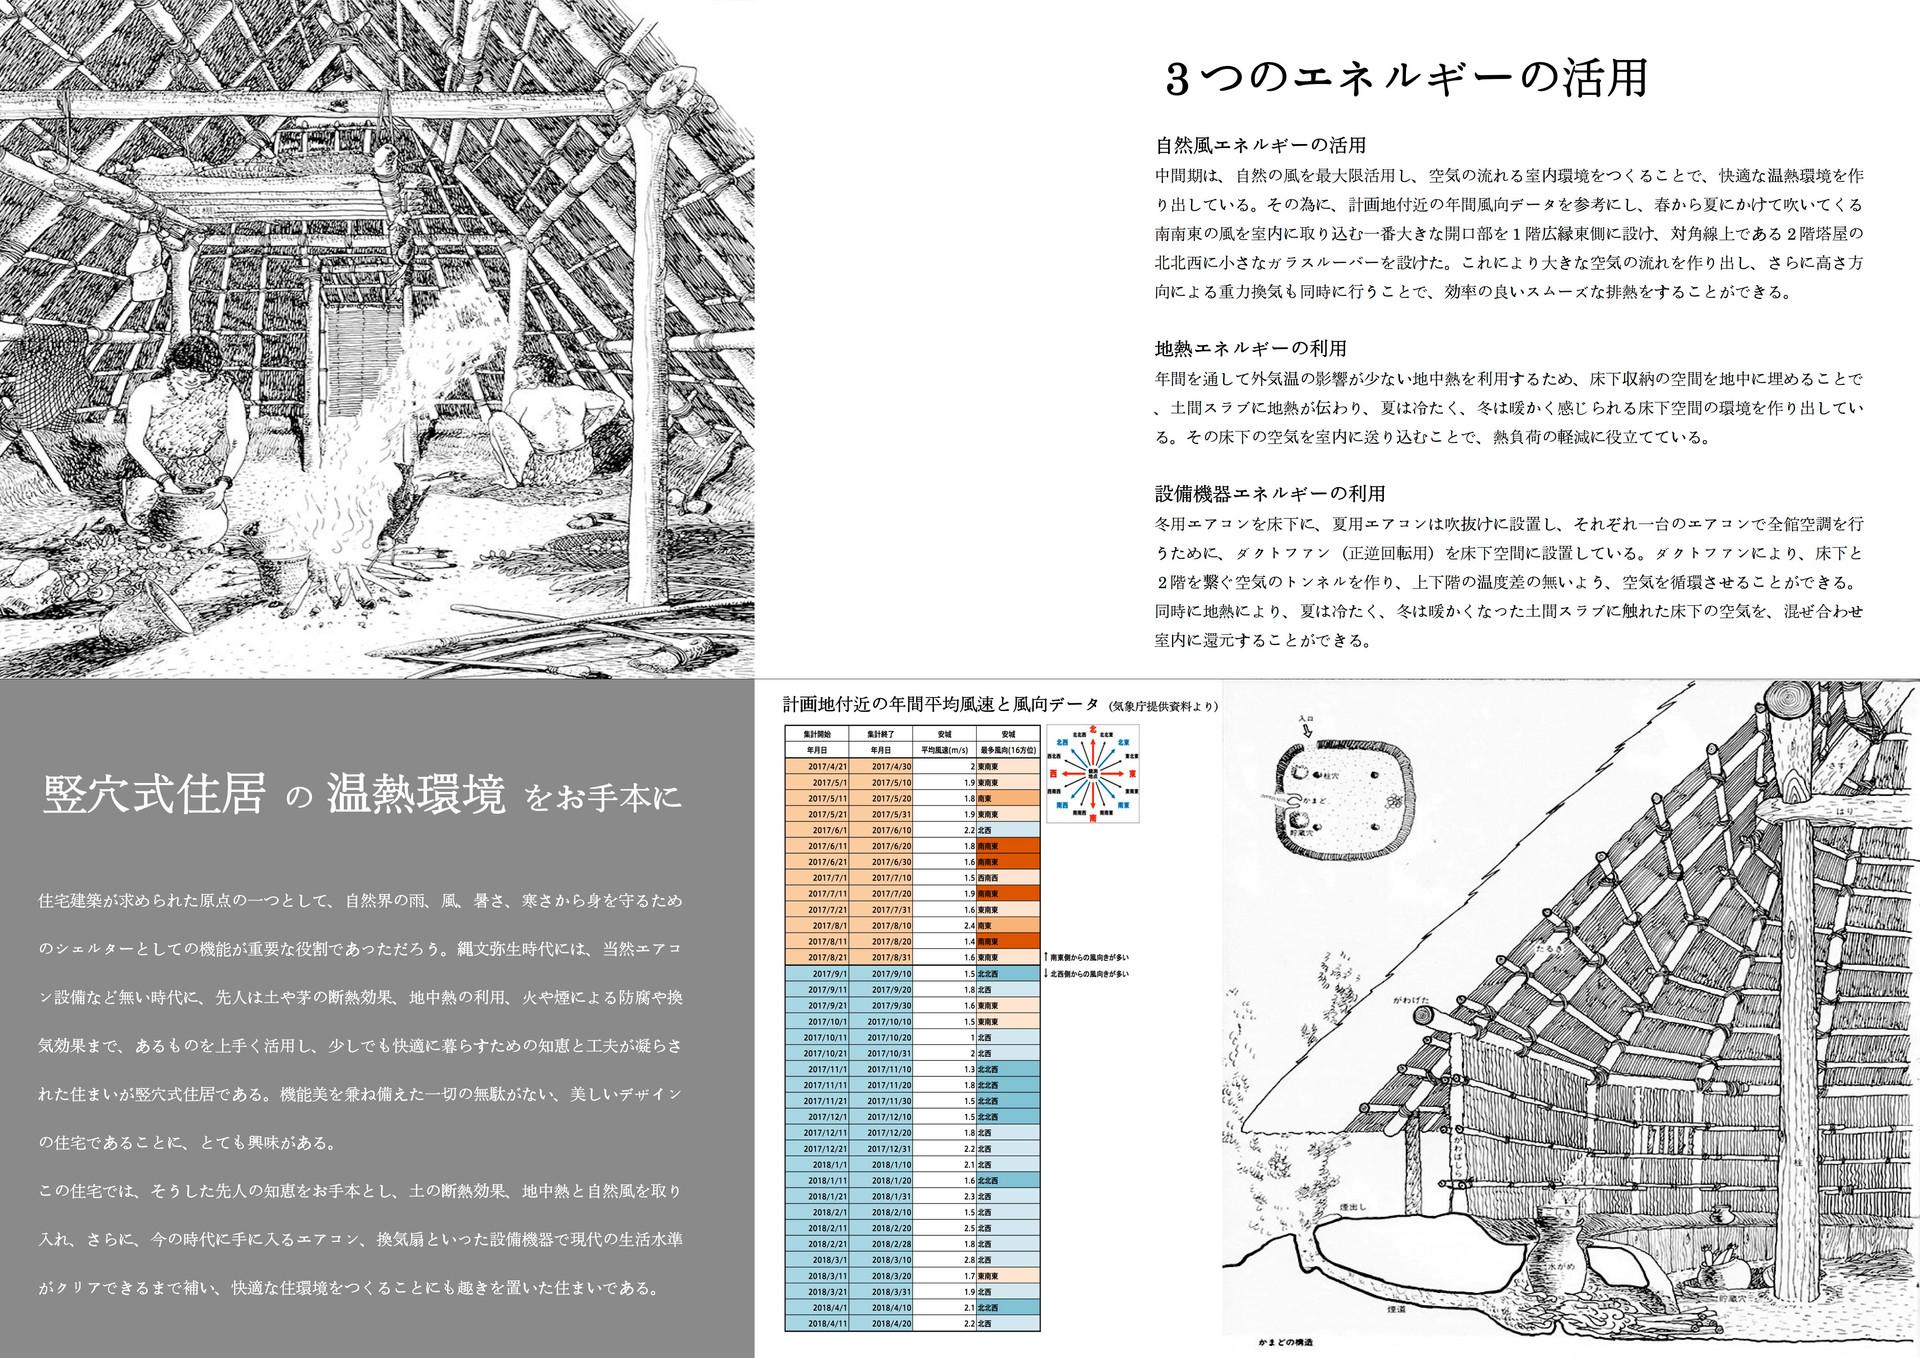 薬師田の住居19/岩間建築設計事務所.jpg